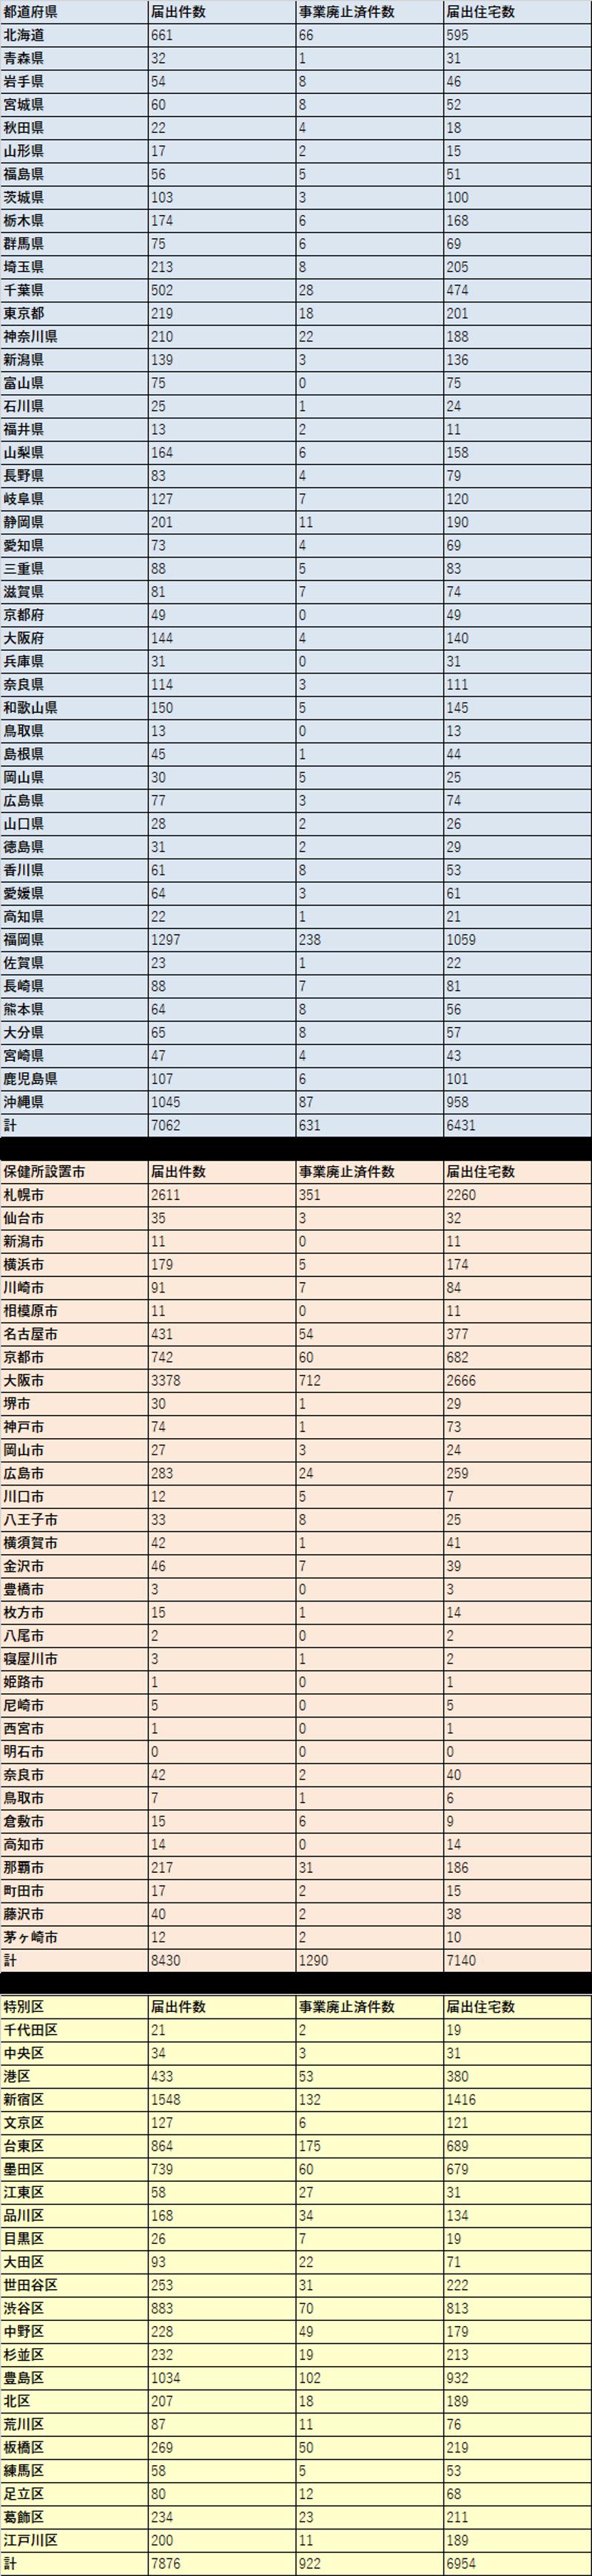 住宅宿泊事業の届出状況(2020年1月9日時点)